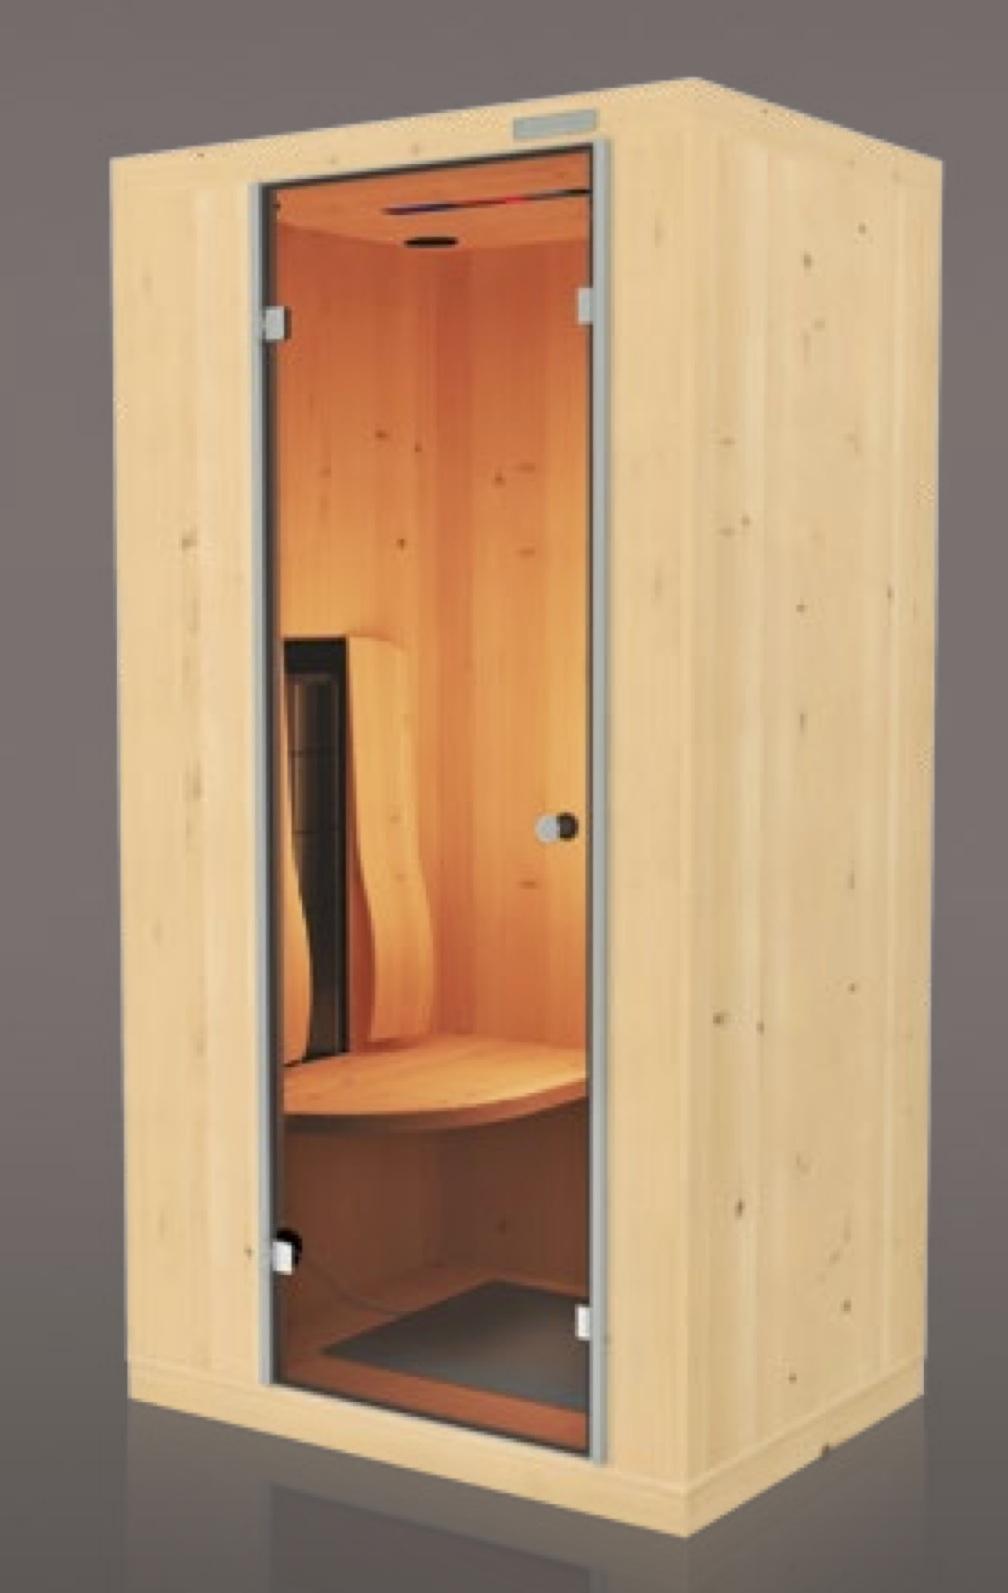 sauna infrarossi Physiotherm - effettovita idea reagalo calore lenitivo